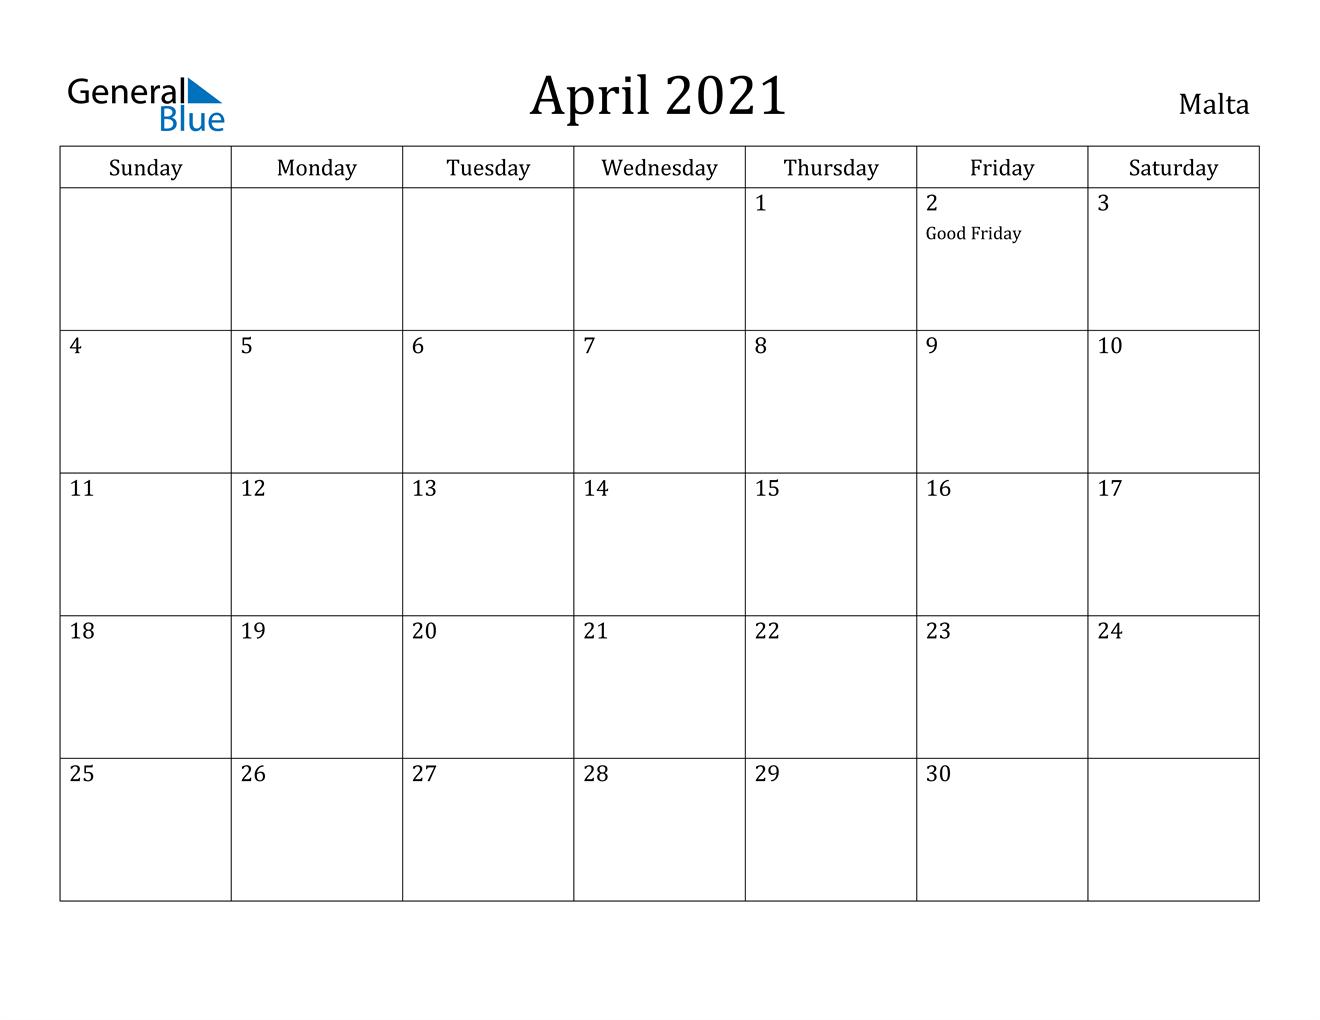 April 2021 Calendar - Malta